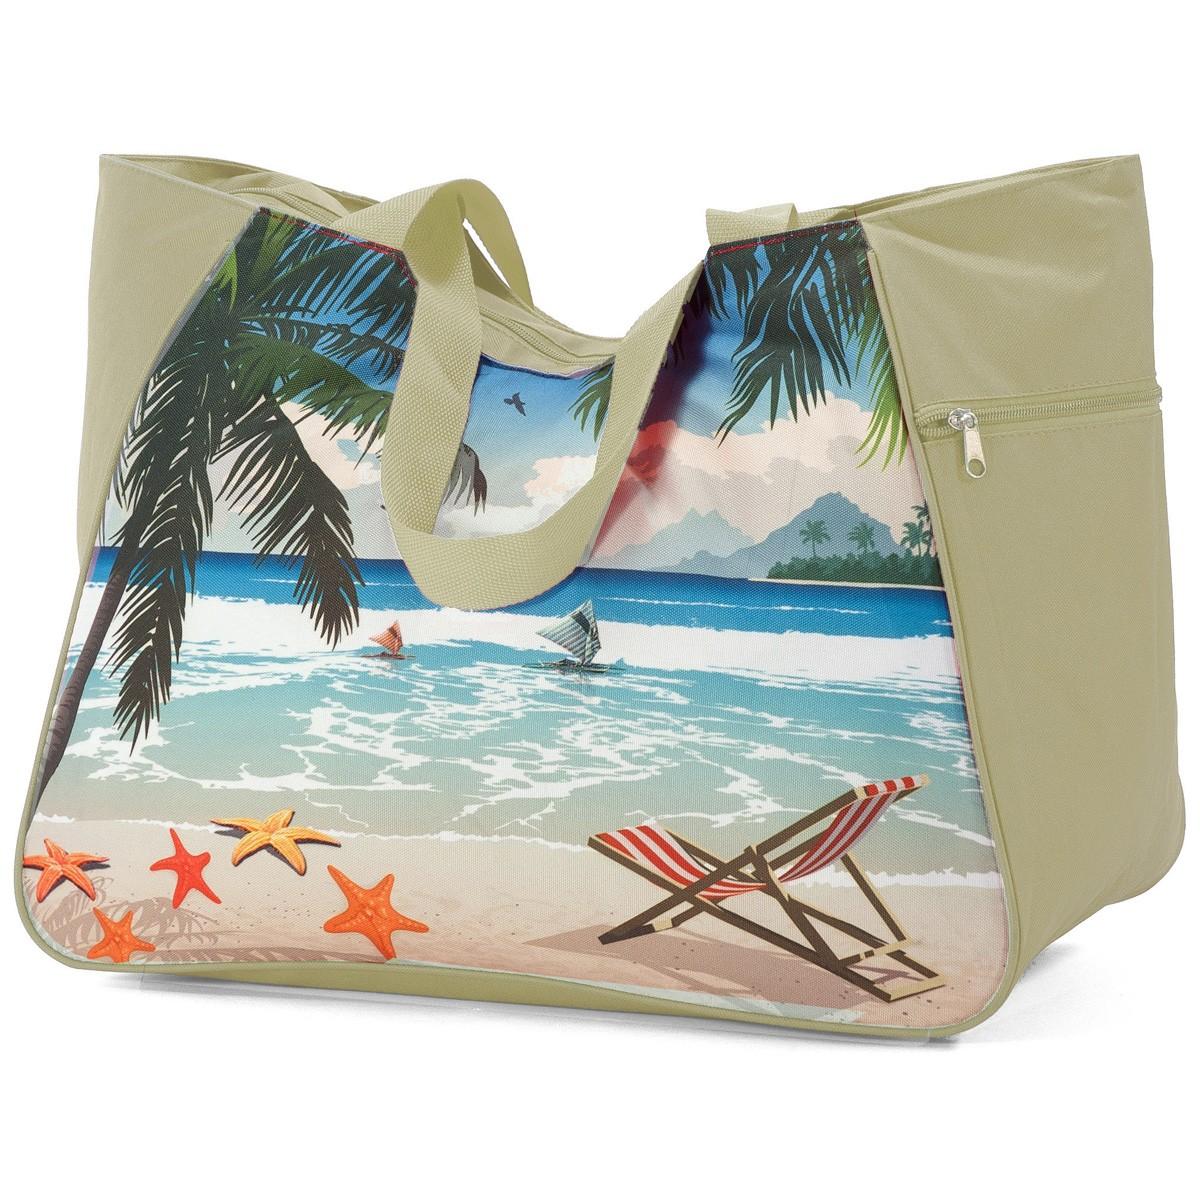 Τσάντα Παραλίας Benzi 5001 Beige home   θαλάσσης   τσάντες παραλίας